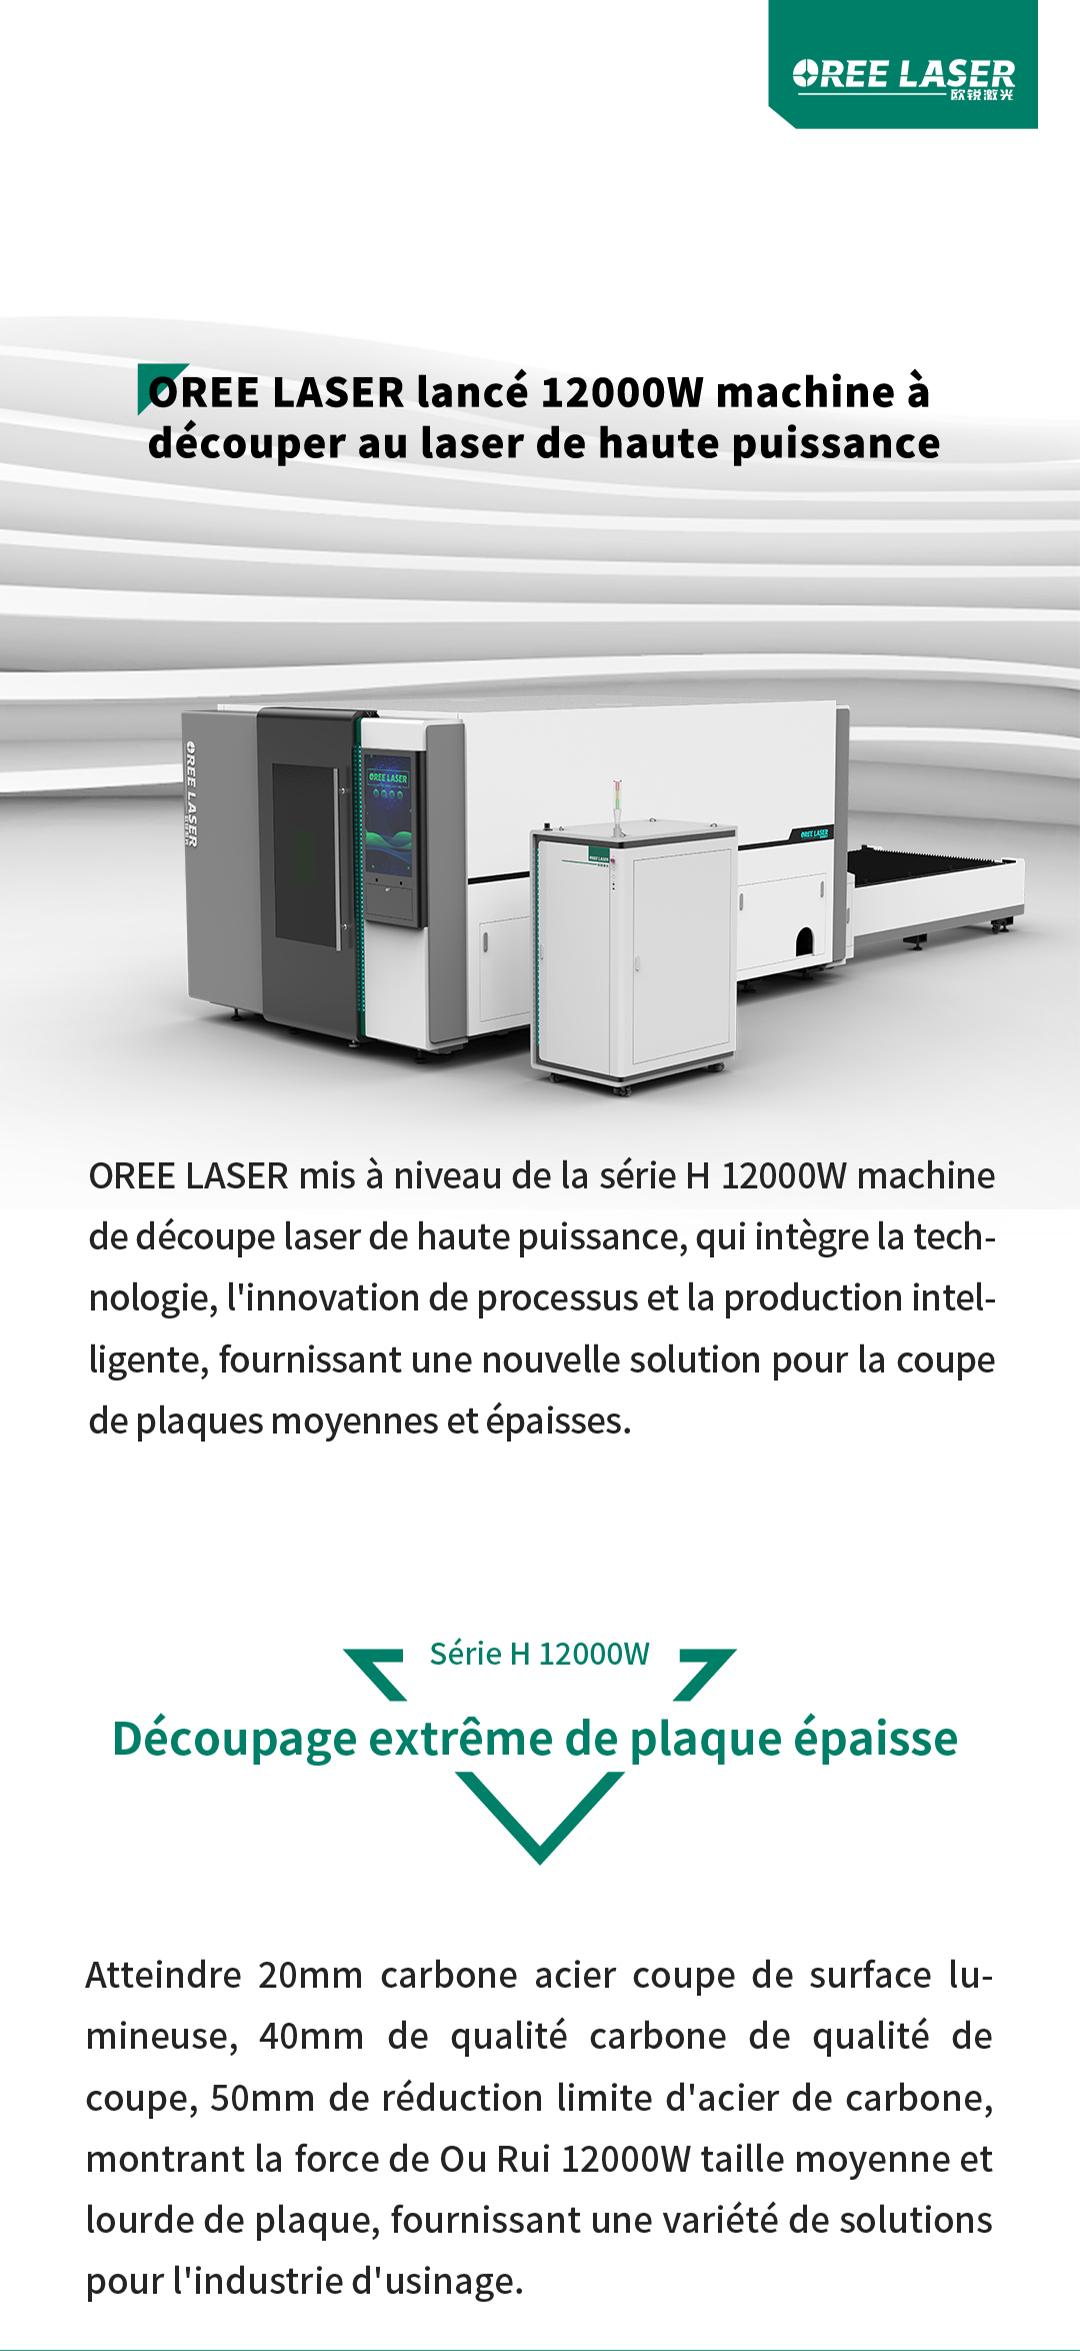 欧锐激光推出12000W高功率激光切割机fayu语-01_01.jpg